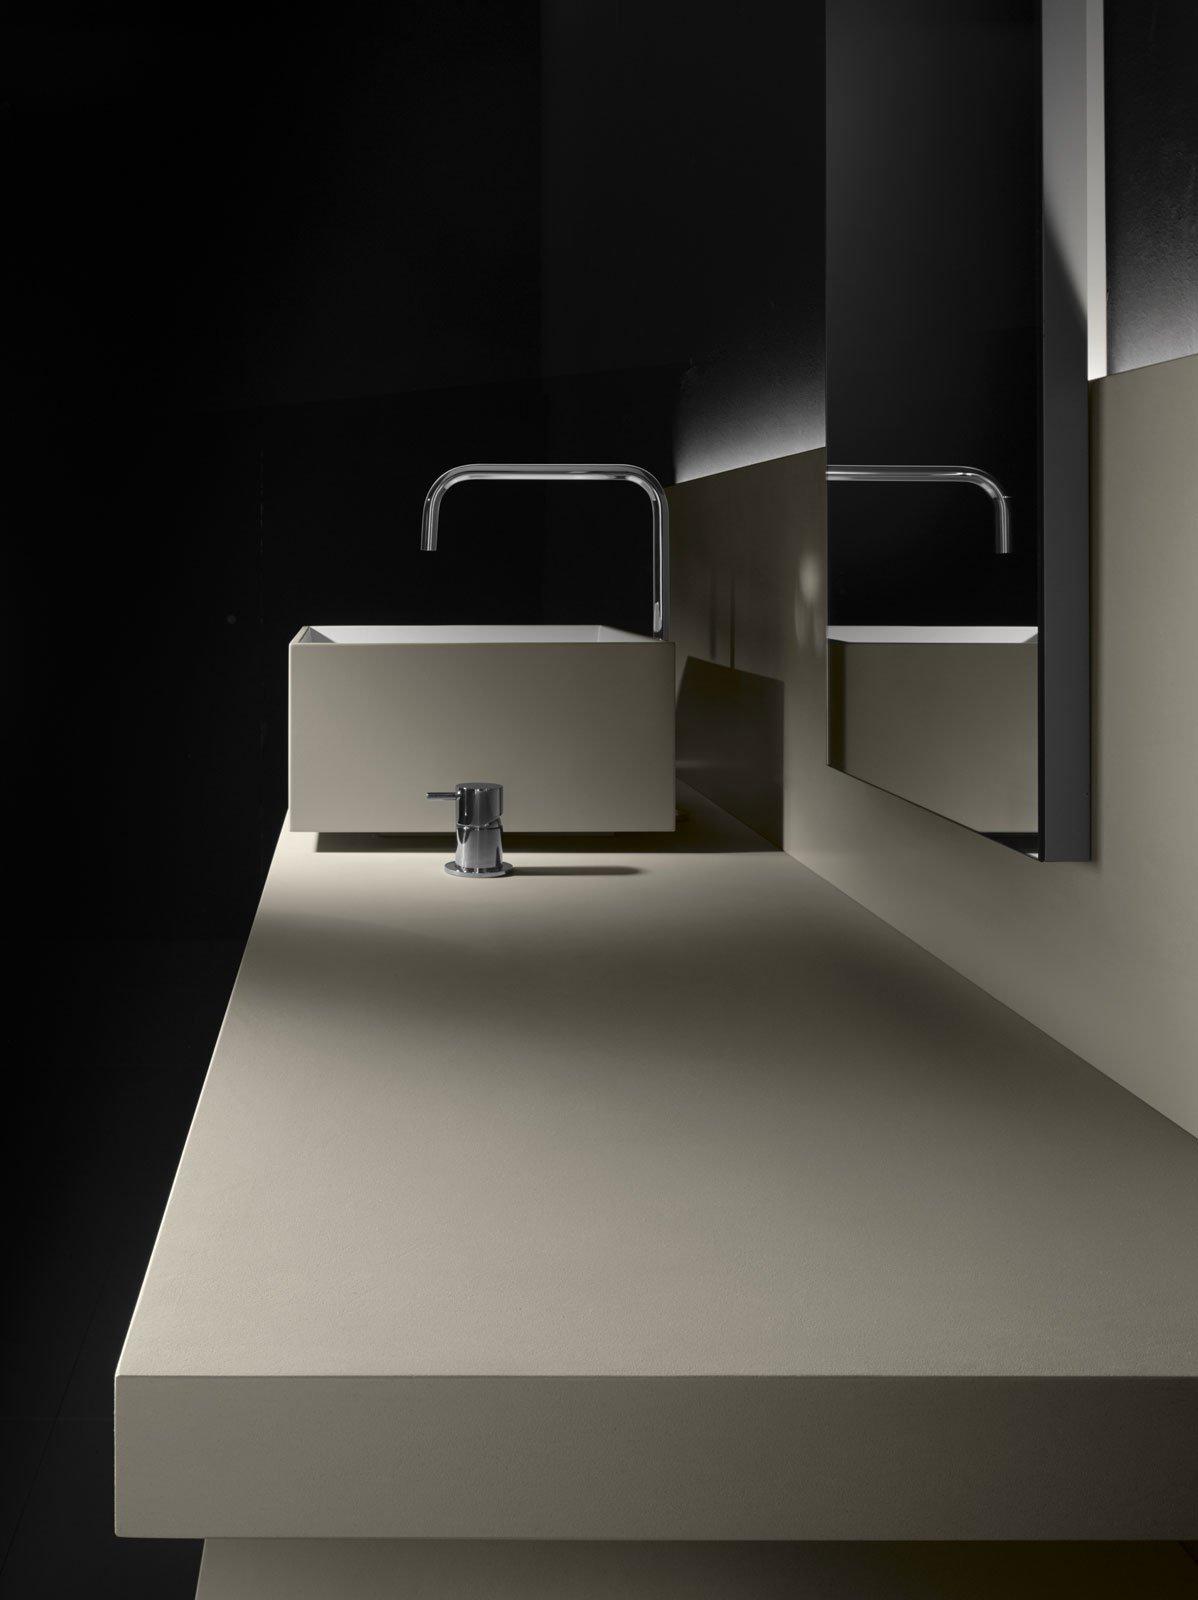 Linea Sintesi, di Milldue, con lavabo Step 45 Milltek con l'esterno in argilla Polvere.